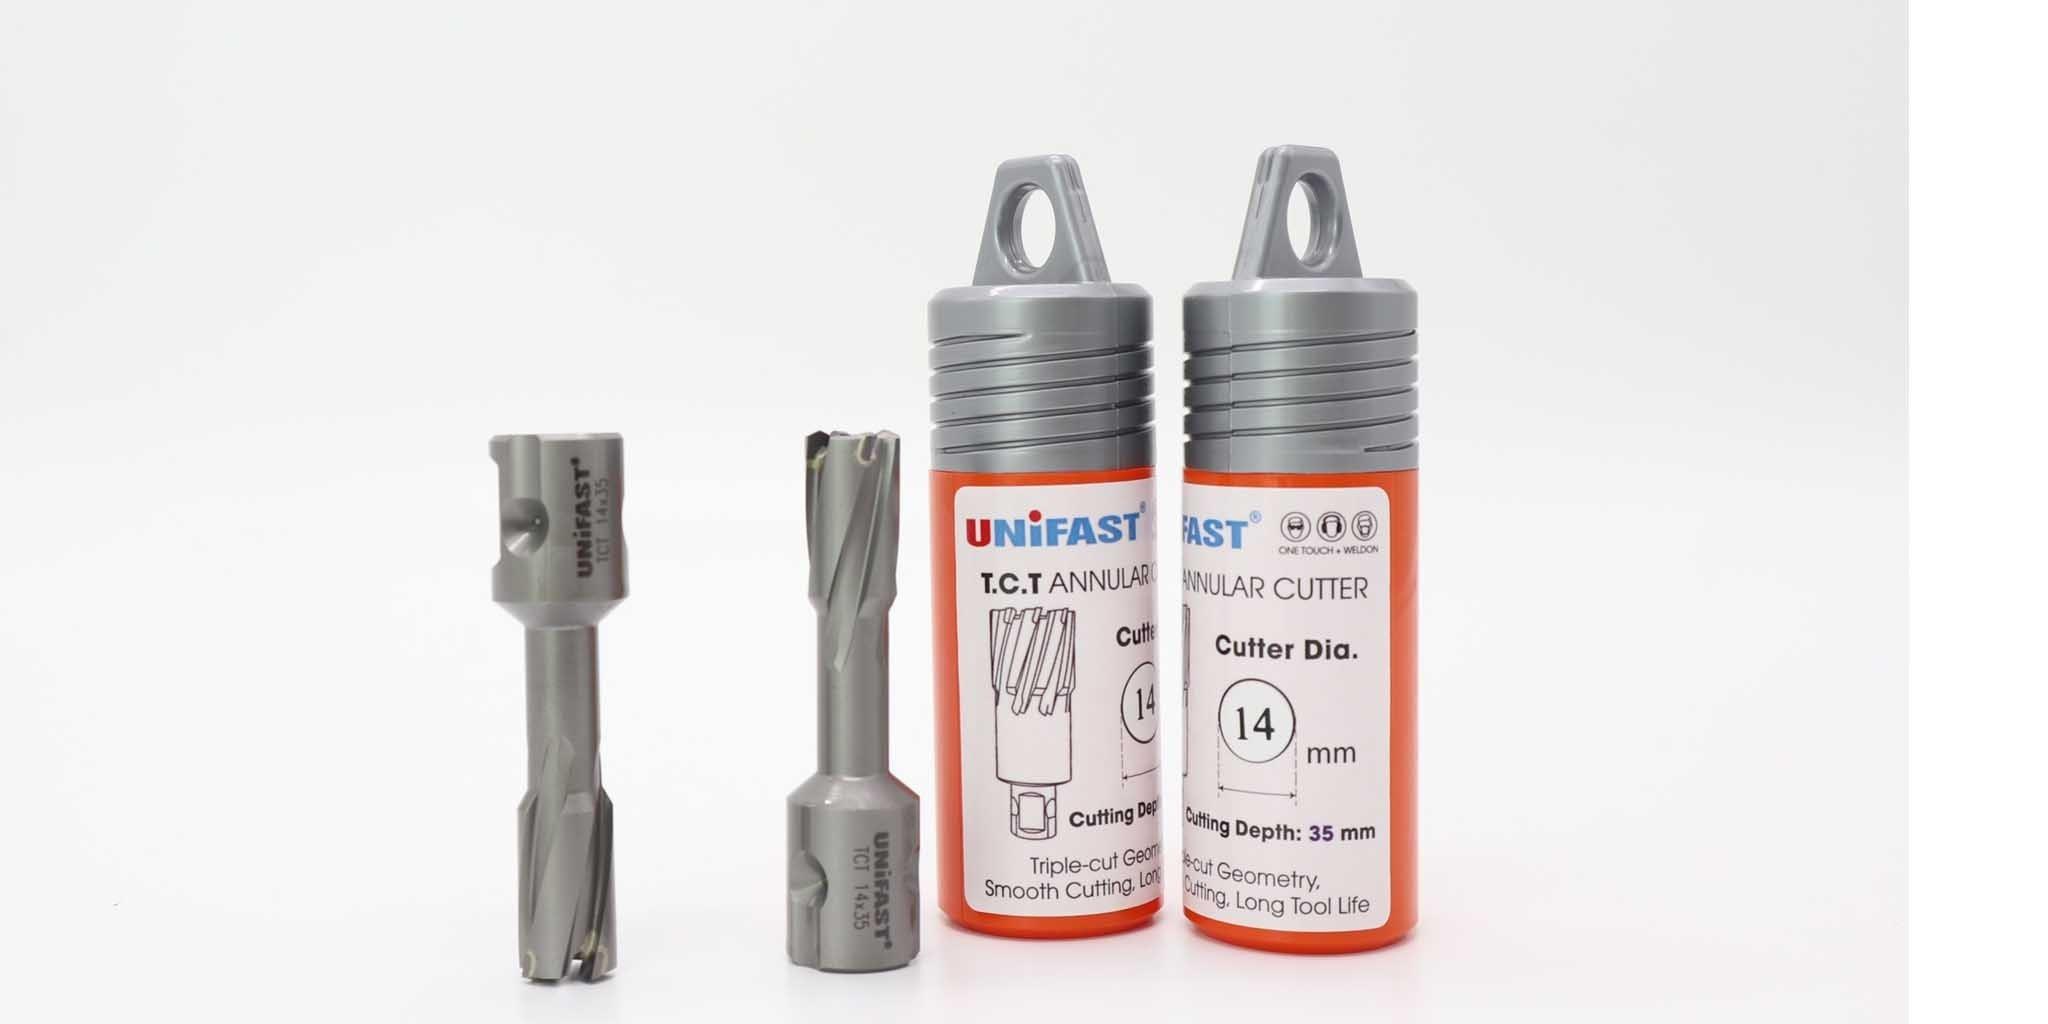 Mũi khoan từ hợp kim phi 14 khoét thép dày 35mm thương hiệu Unifast